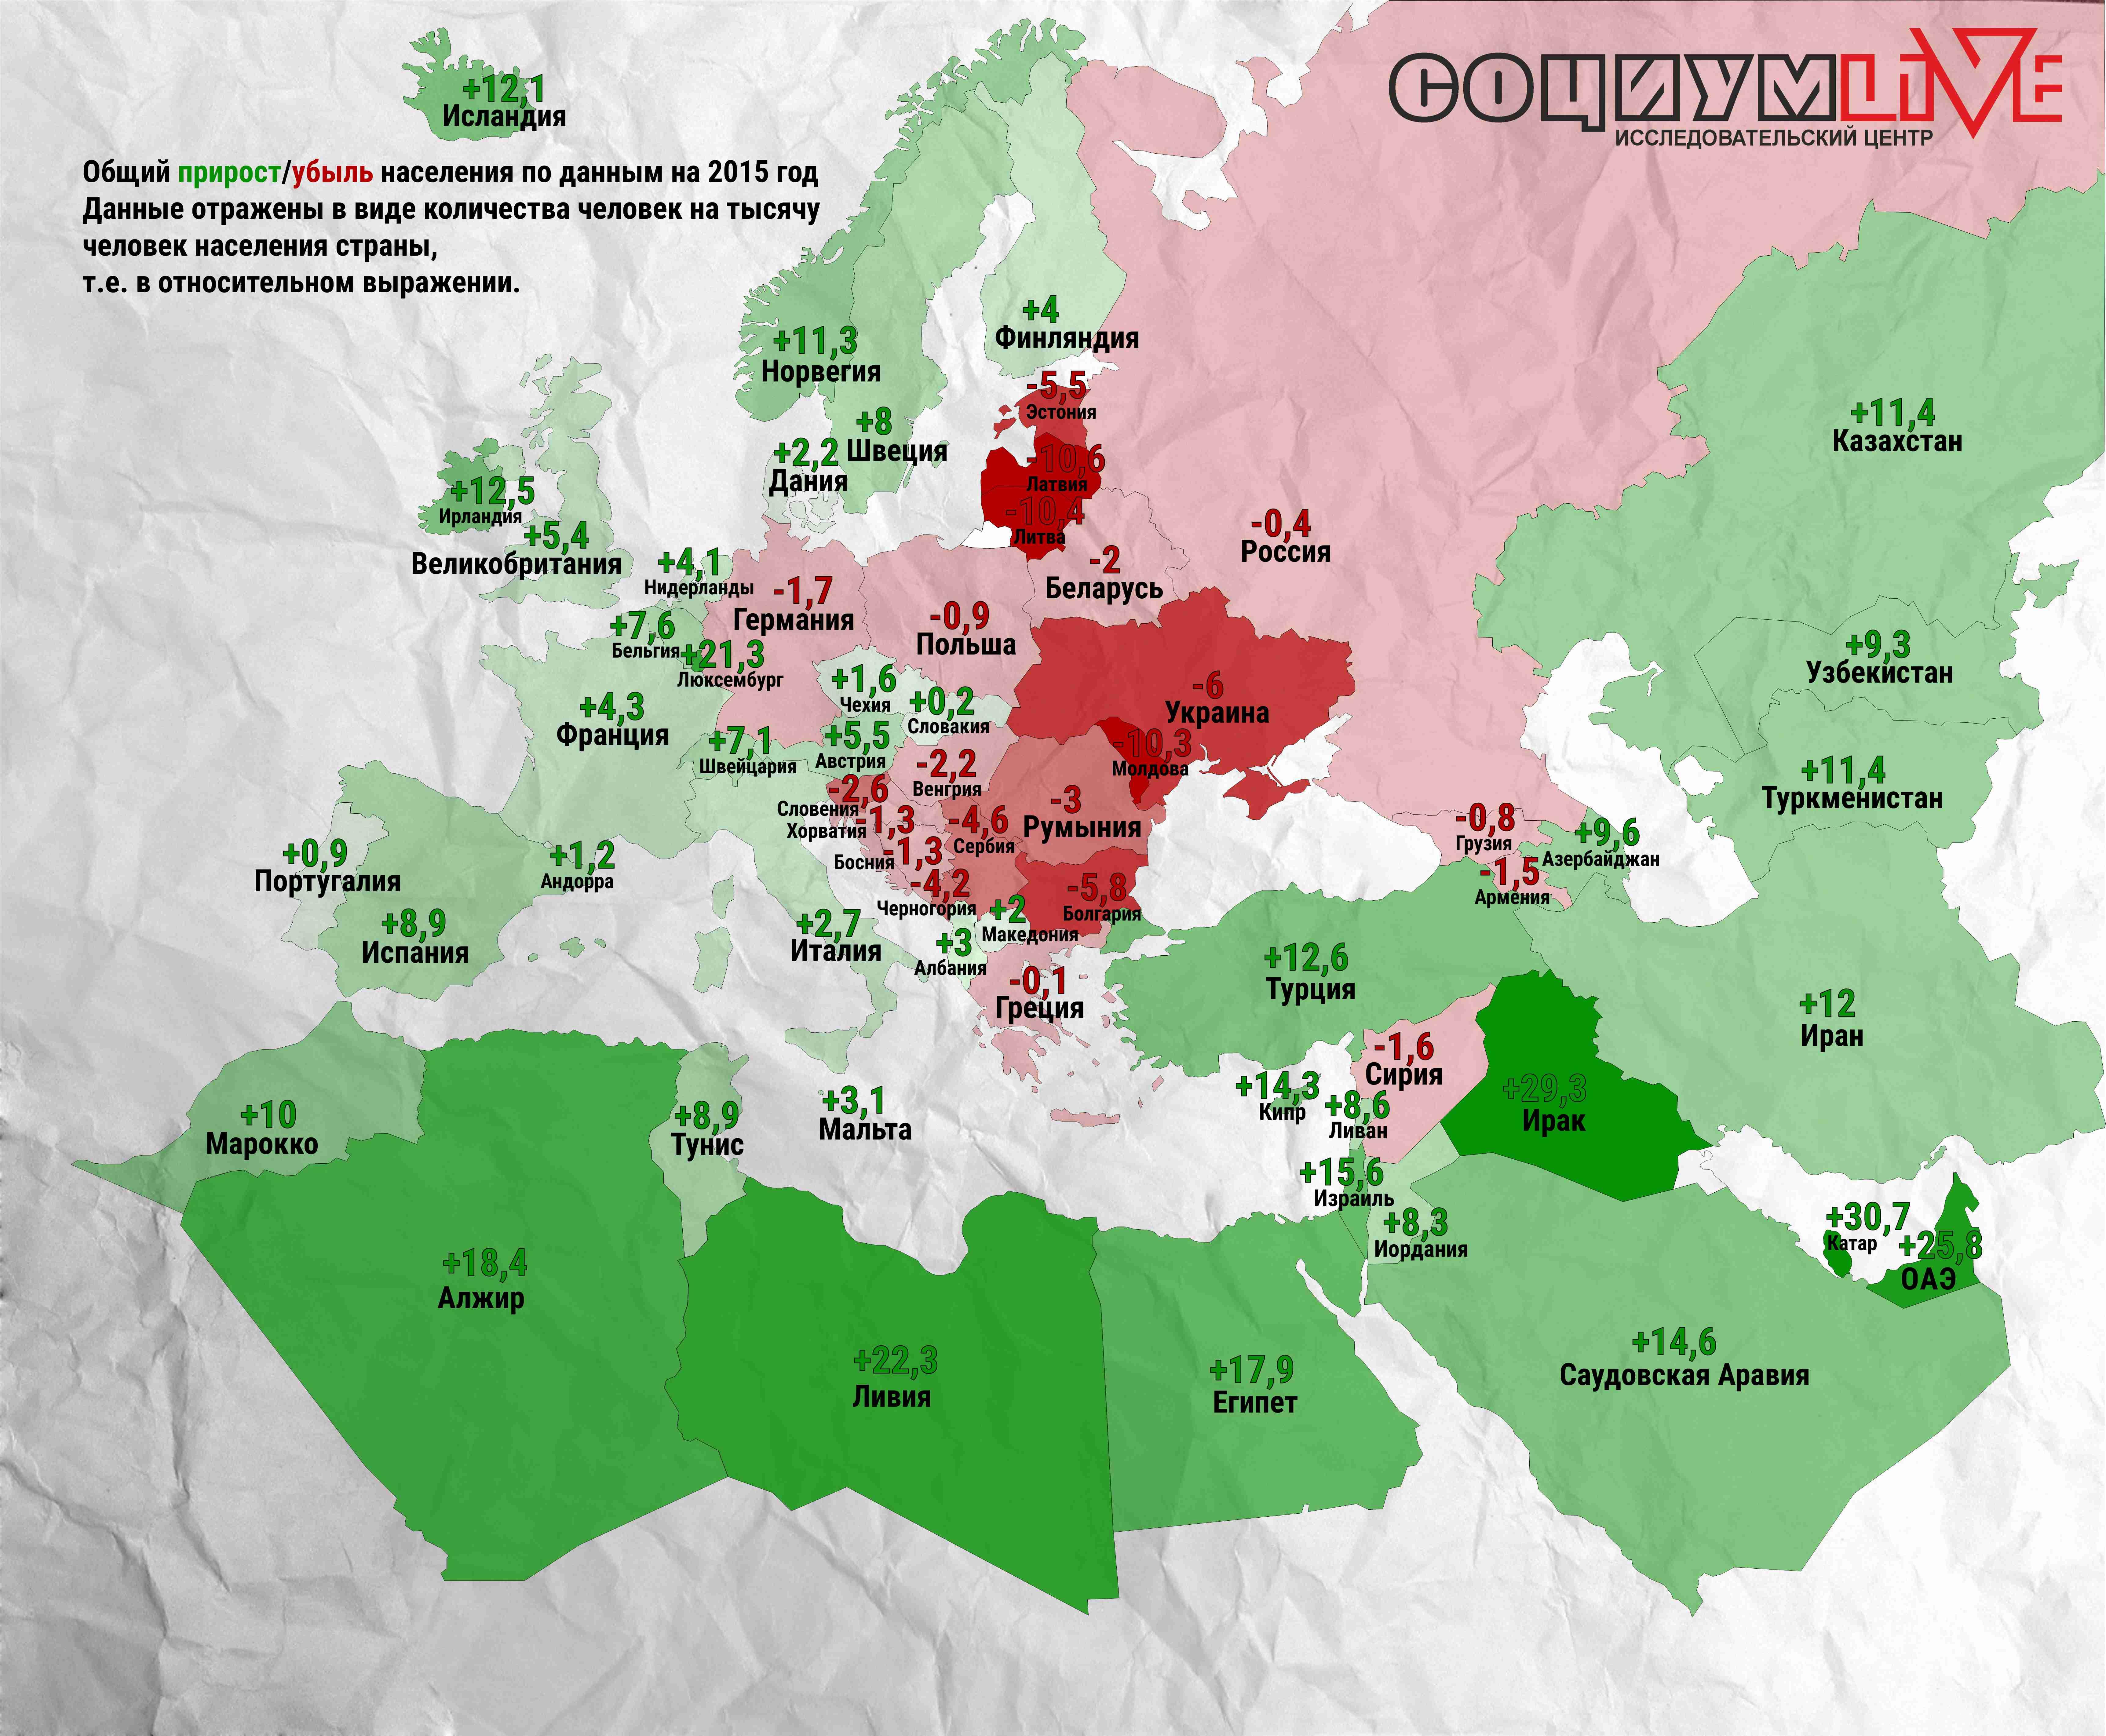 Фото Инфографика для одного из исследовательских центров. Срок - 2 дня